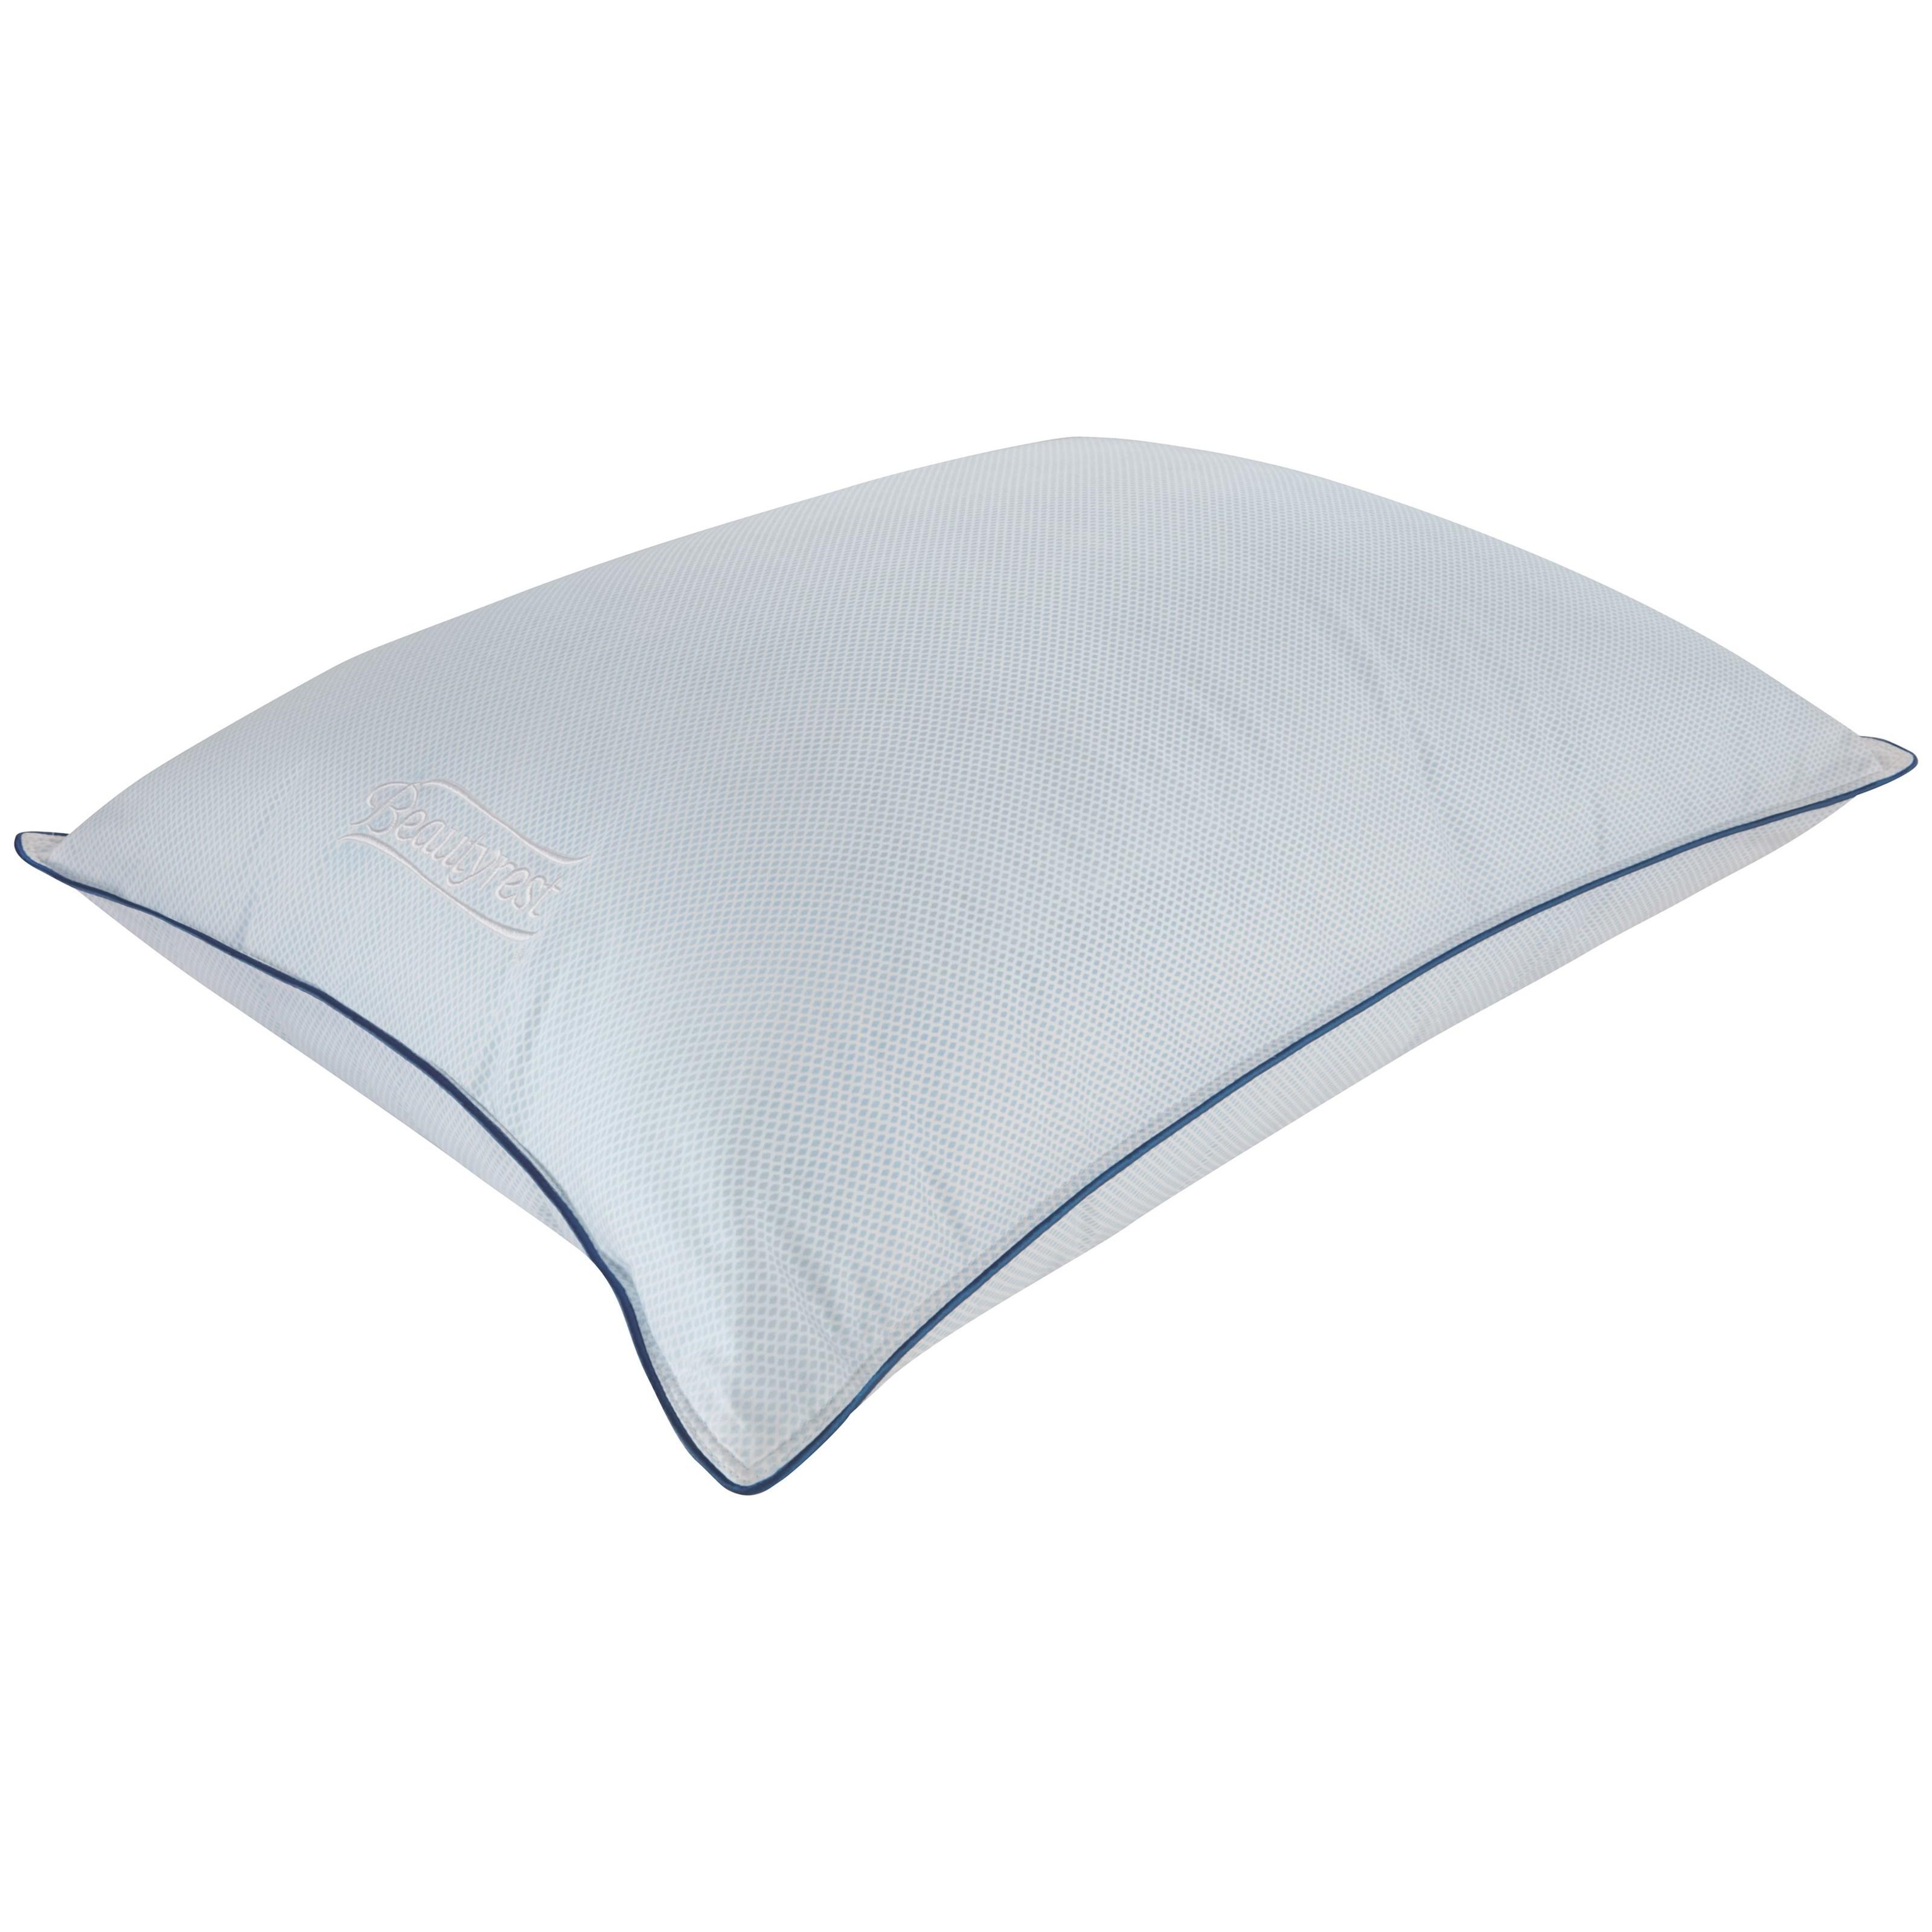 Calming Rest Pillow Calming Rest Cool Fiber Pillow by Beautyrest at Becker Furniture